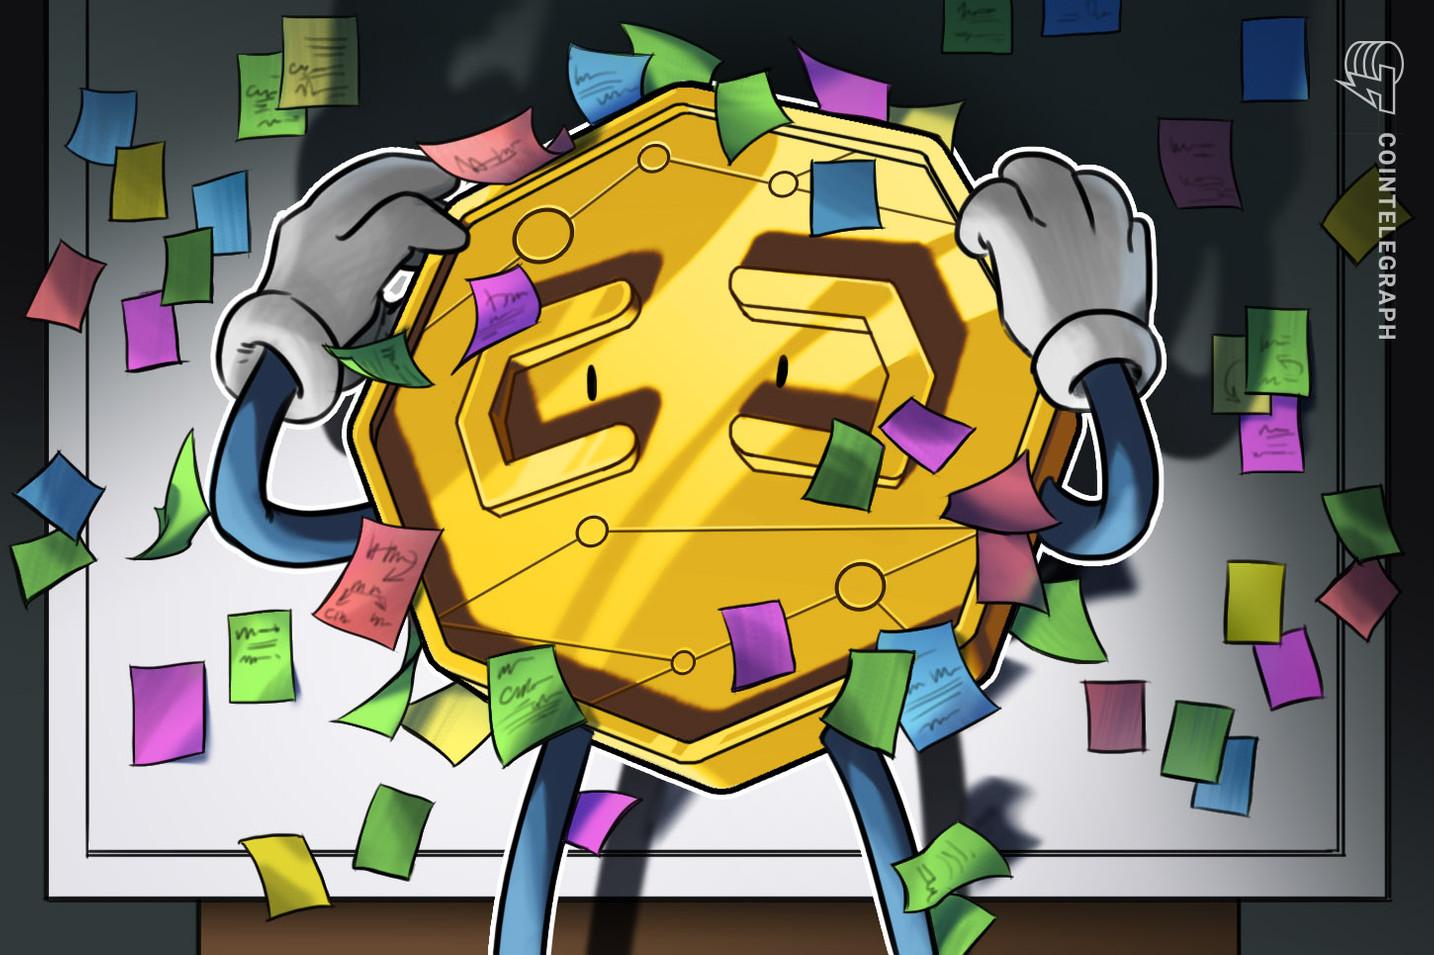 El GAFI publicará nuevas reglas para el criptosector mundial, que afectan a los exchanges, fondos y custodios